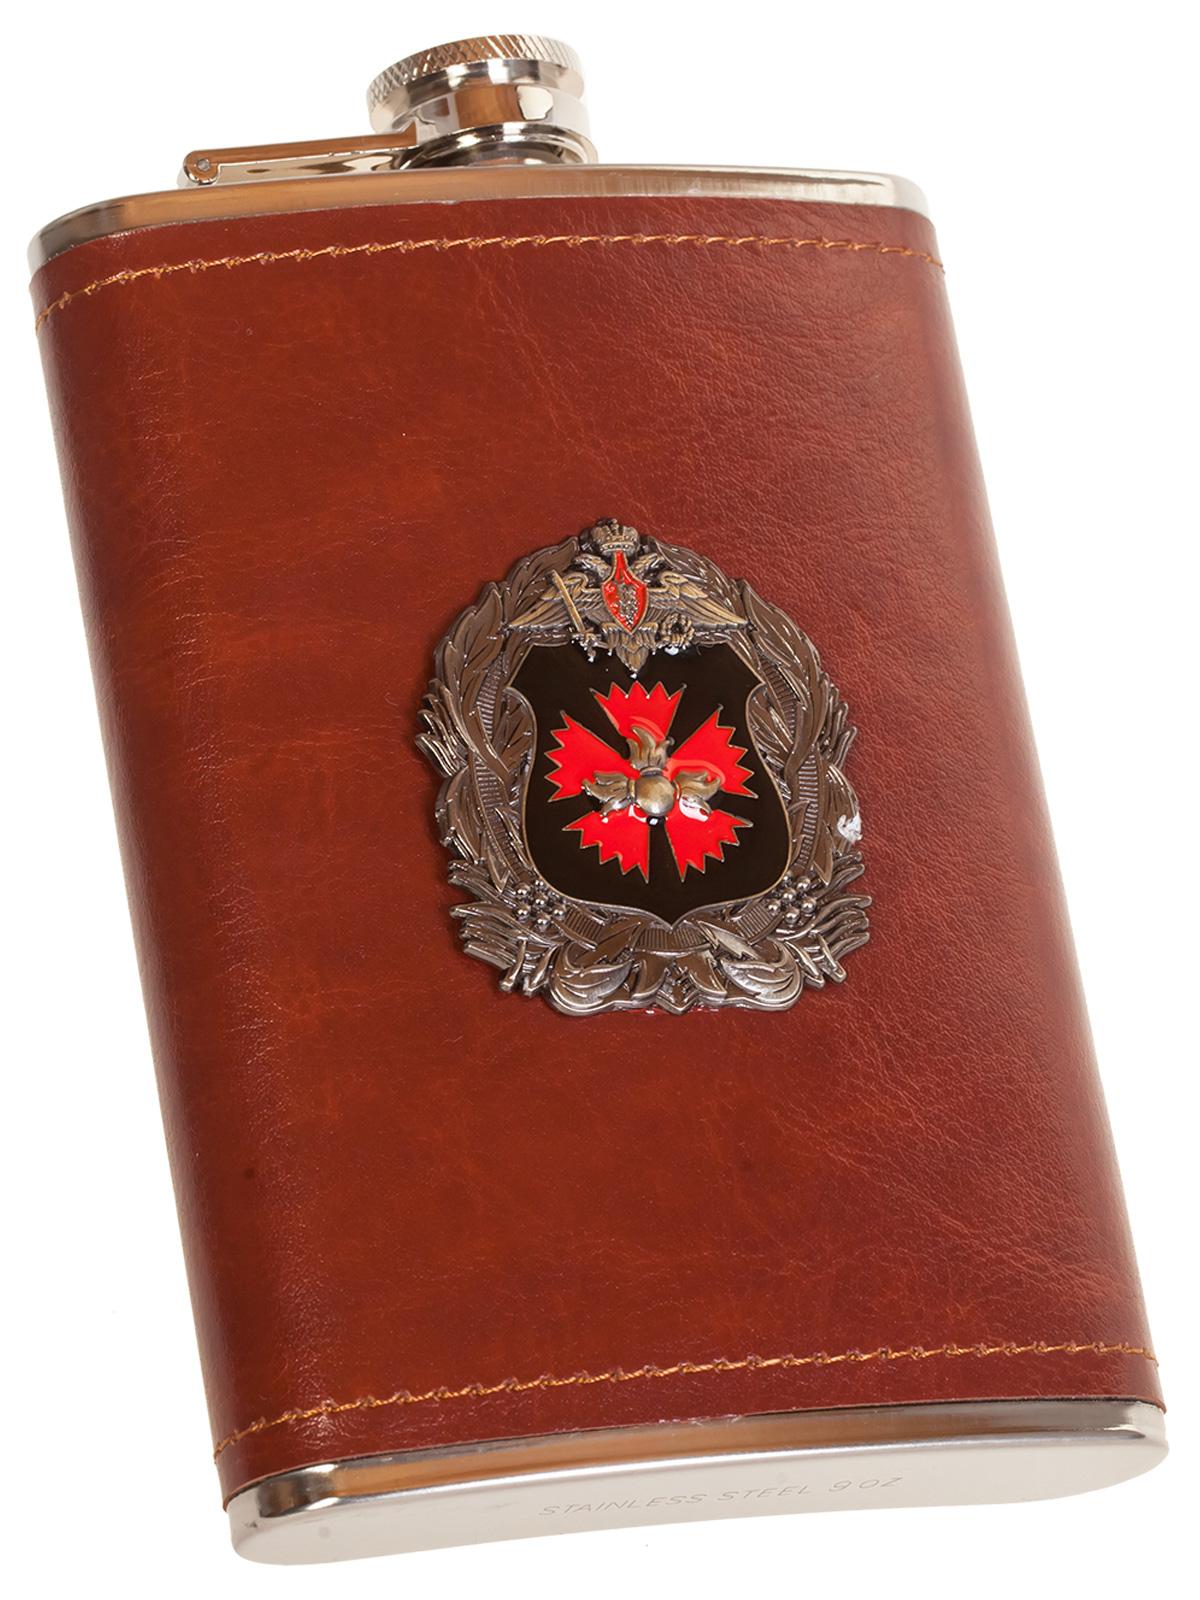 Мужская оригинальная фляга с эмблемой ГУ ГШ ВС РФ - заказать в Военпро